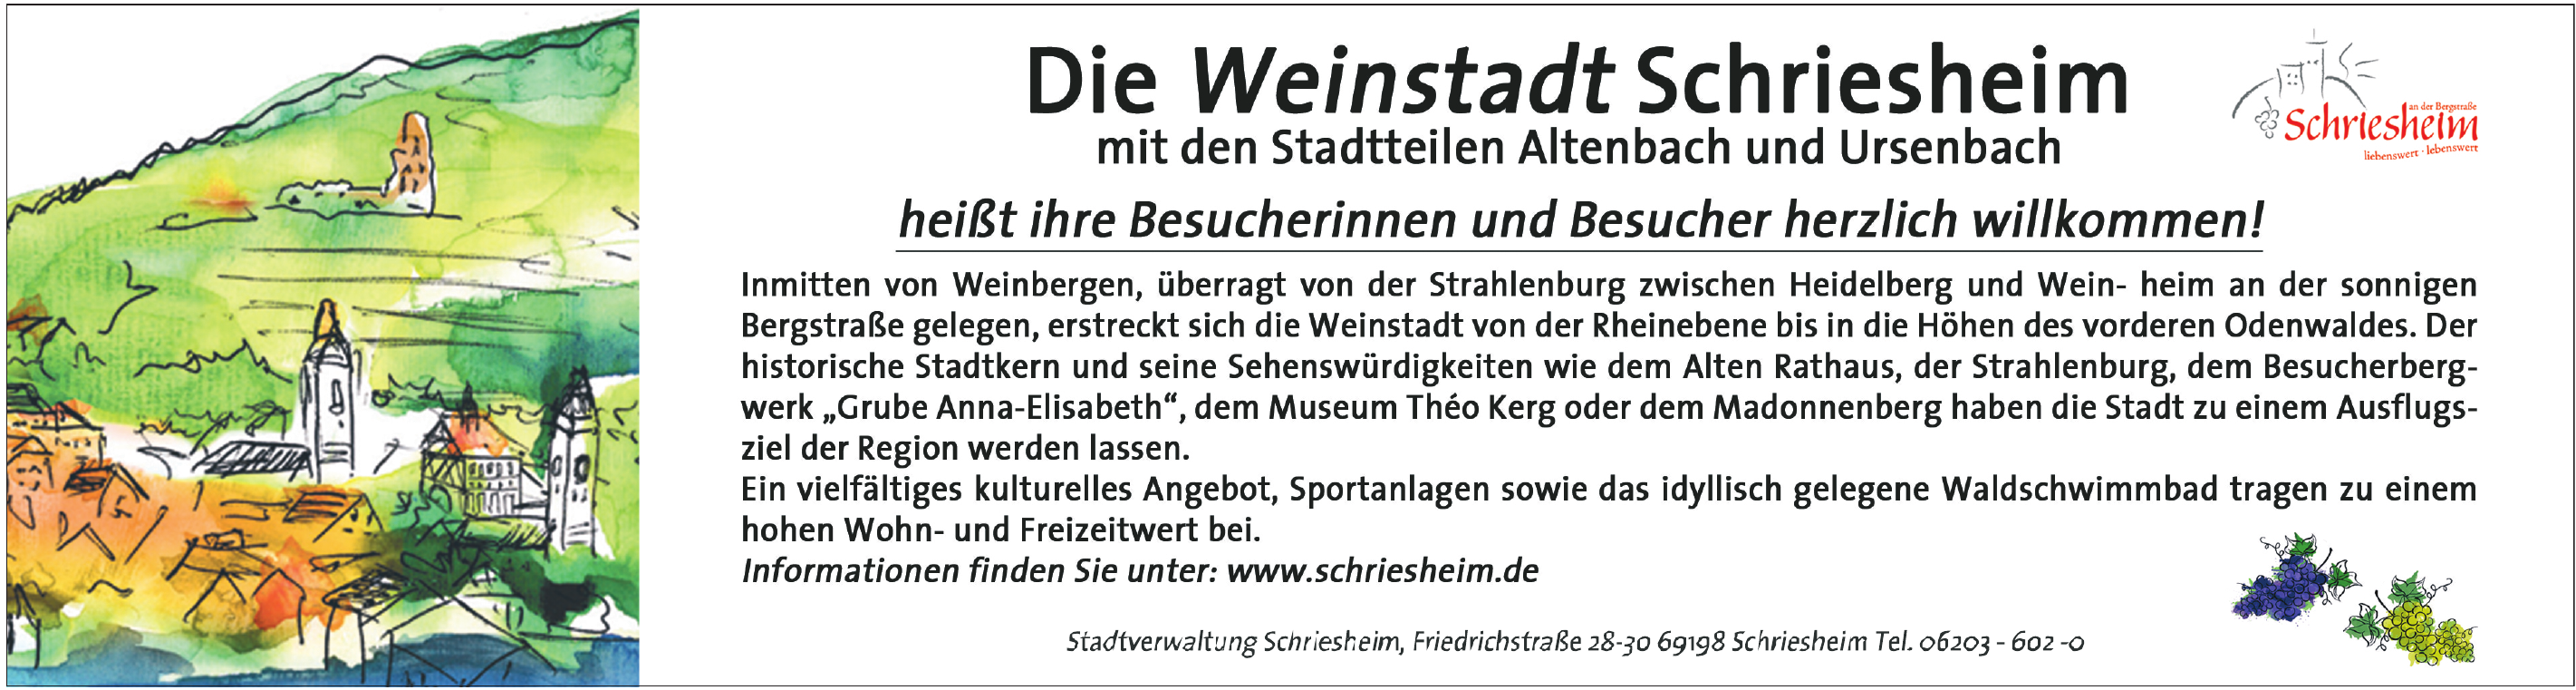 Stadtverwaltung Schriesheim